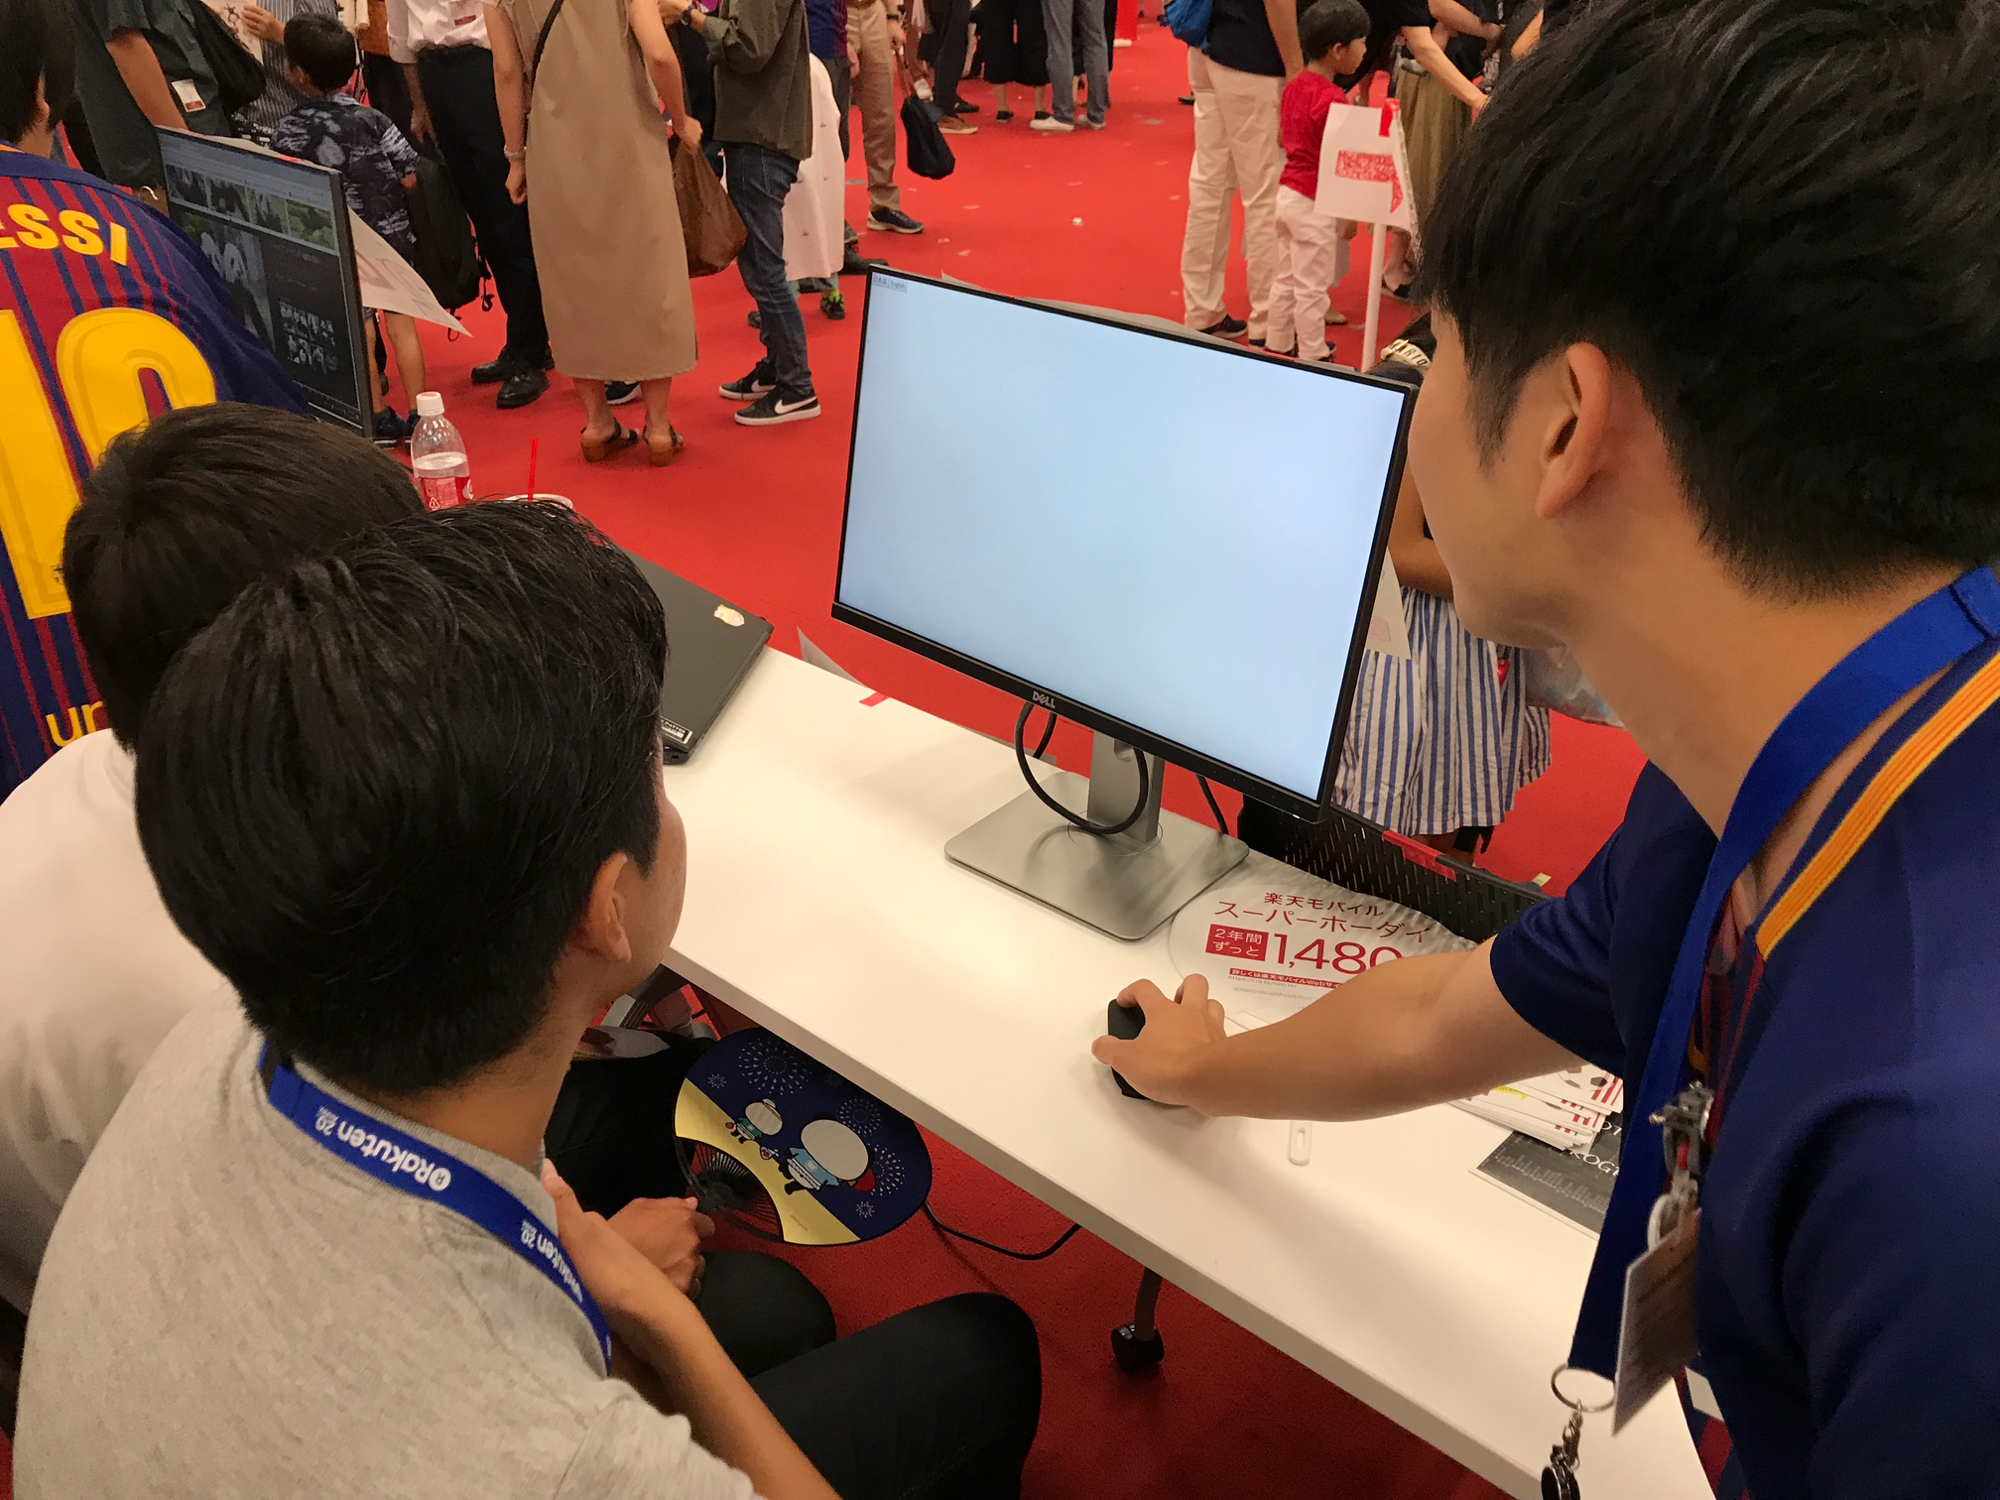 新卒による、初心者から始めたプログラミング作品を発表